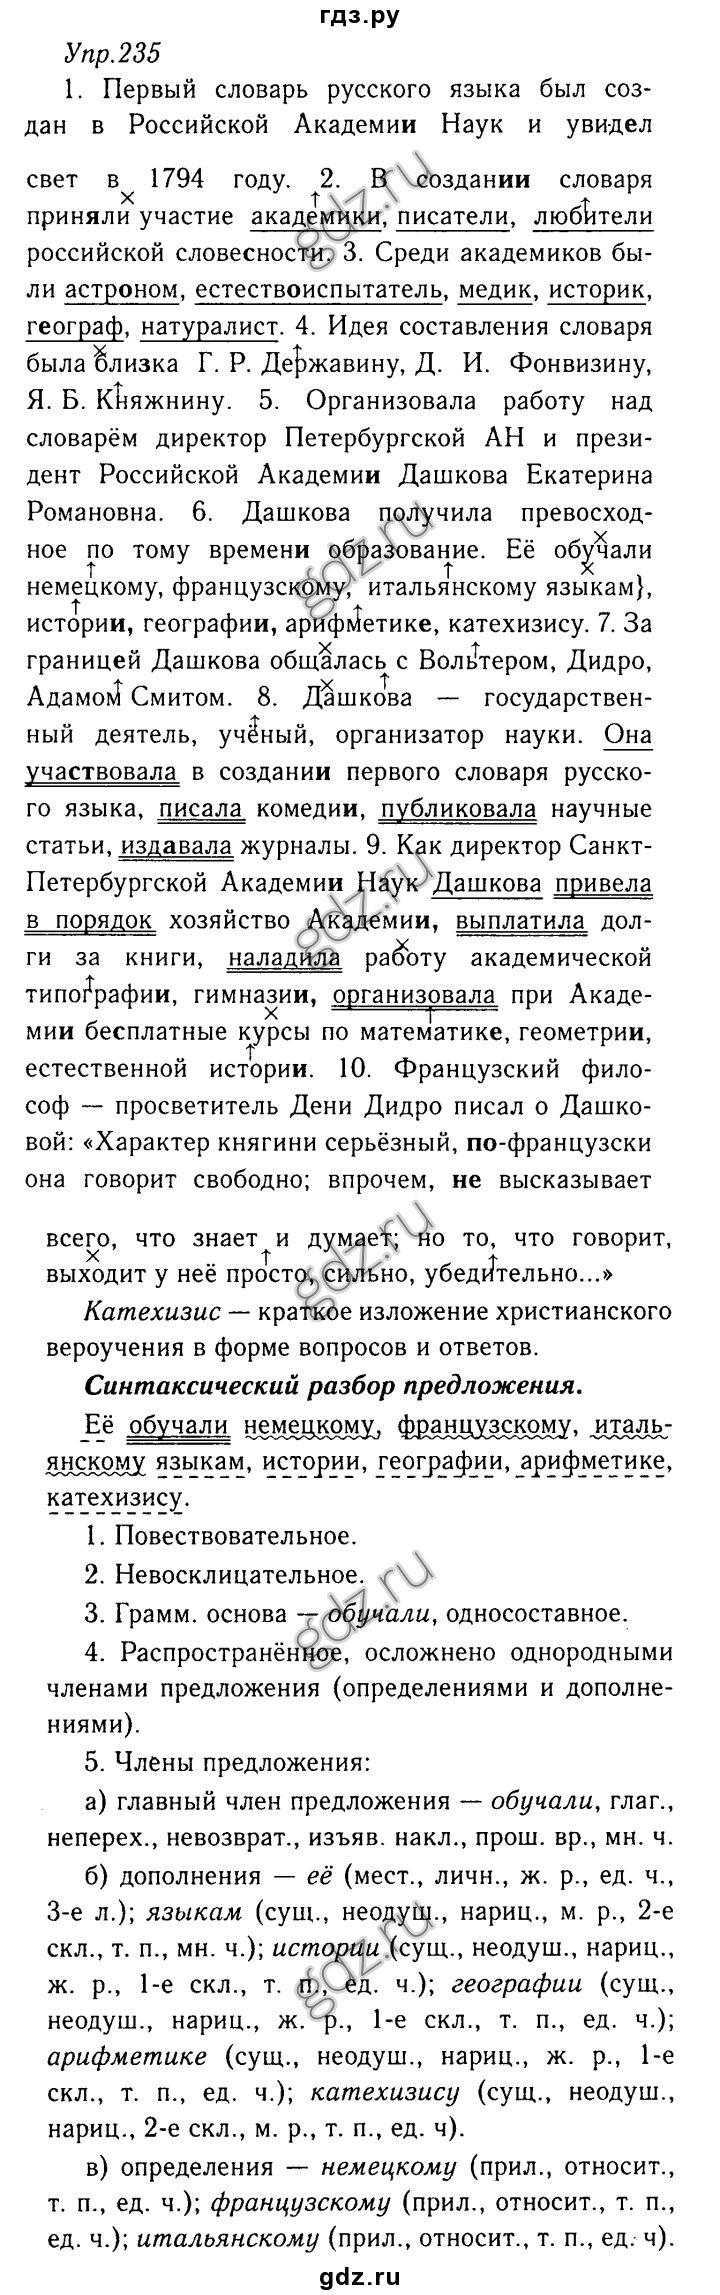 Готовые домашние задания за 10 класс республики казахстан